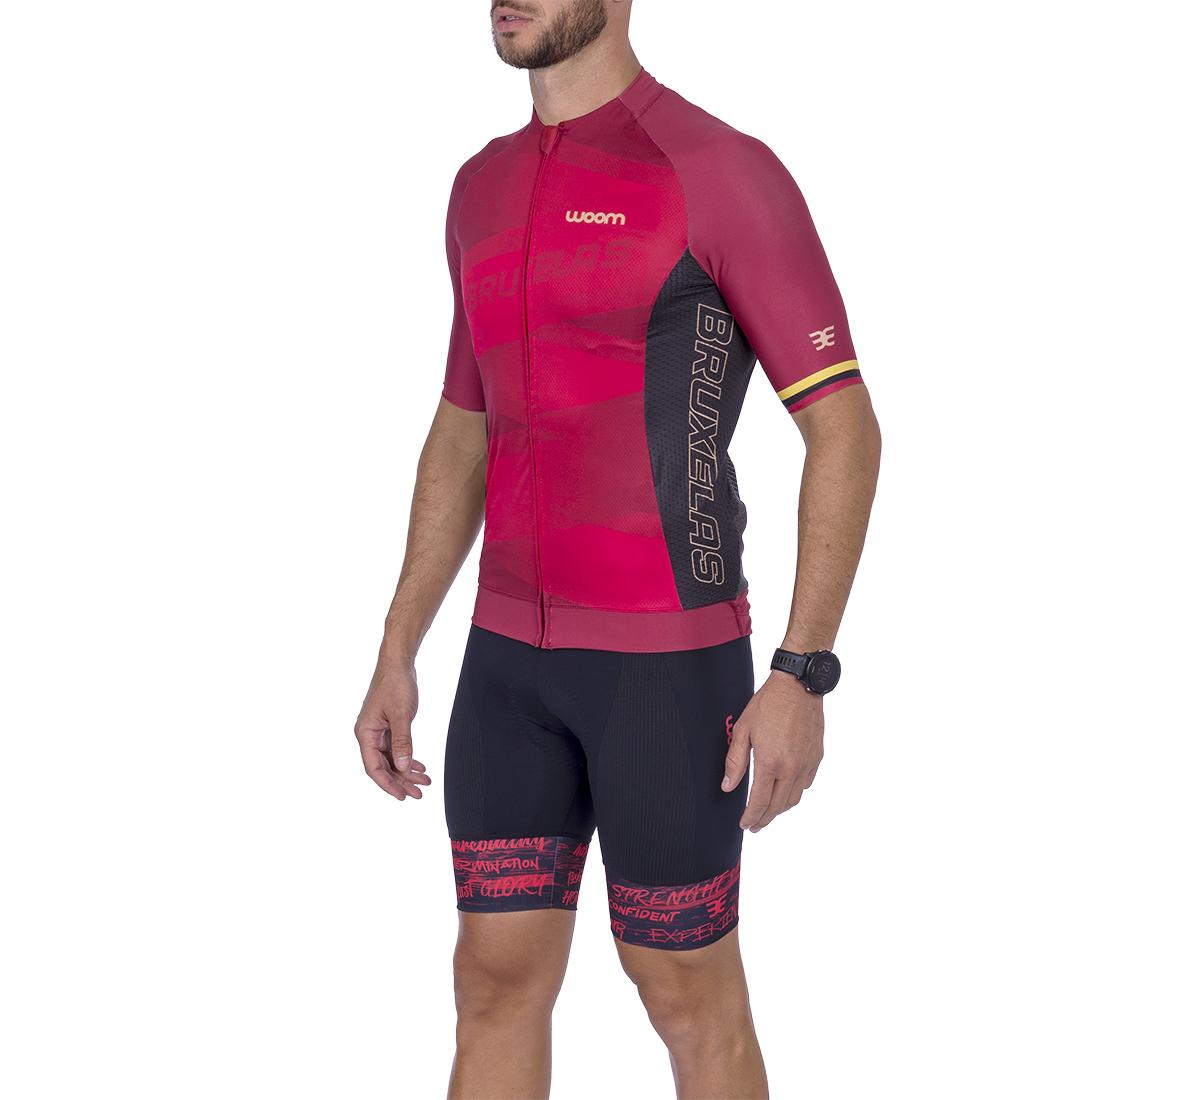 Camisa Ciclismo Supreme Bruxelas Masc - 2021